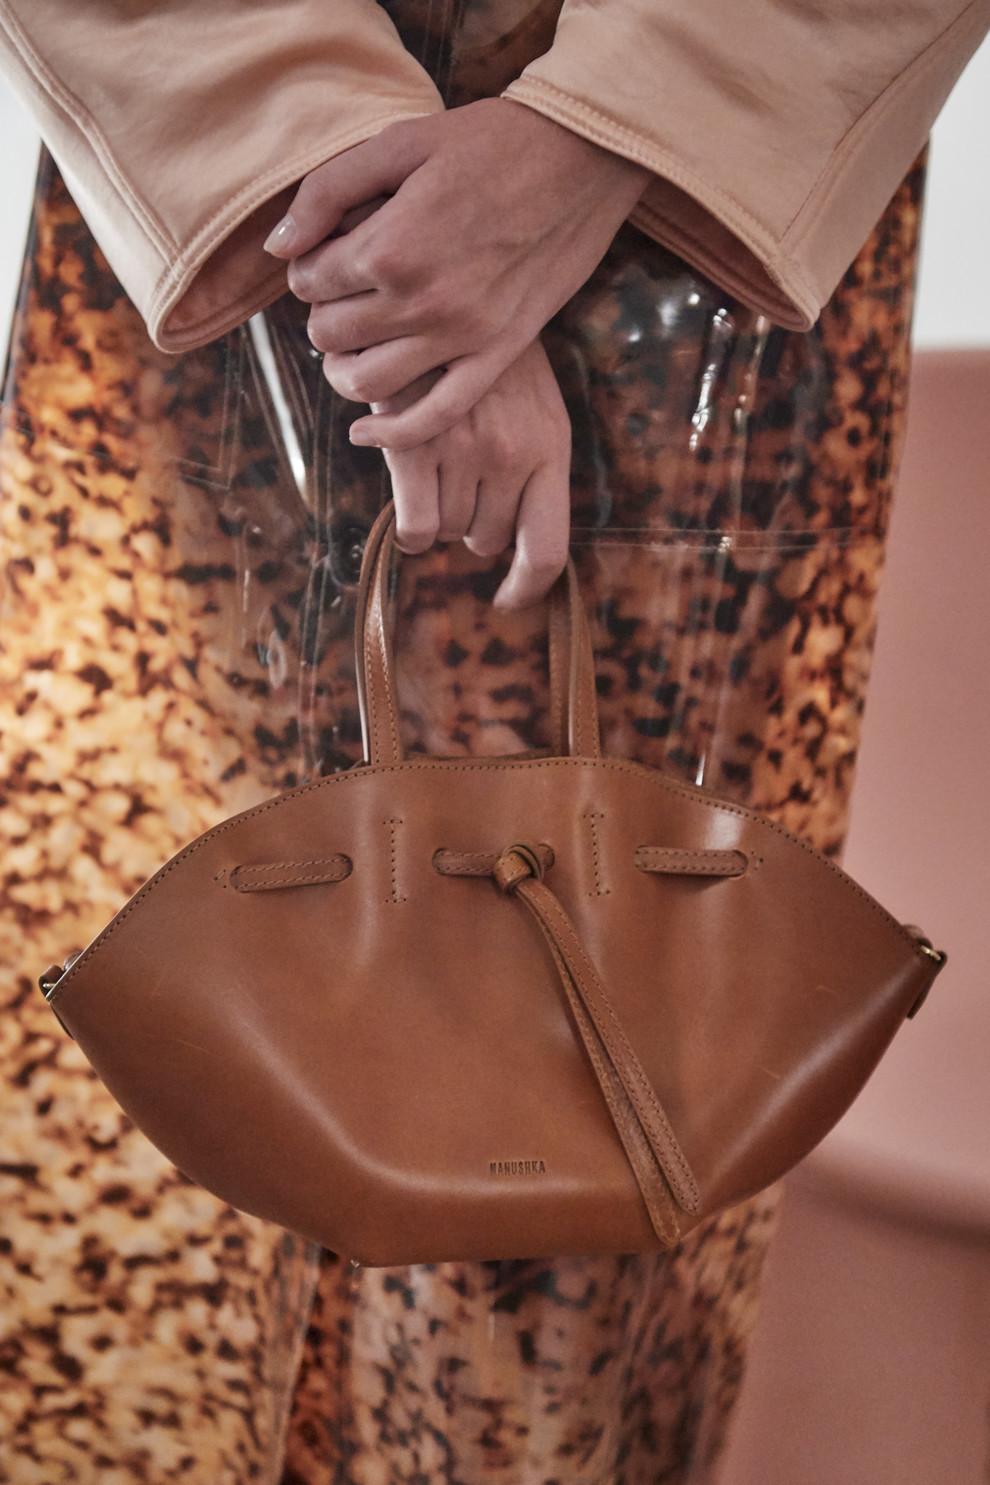 401b5968443e Неделя моды в Нью-Йорке: самые модные сумки осень-зима 2019/20 ...